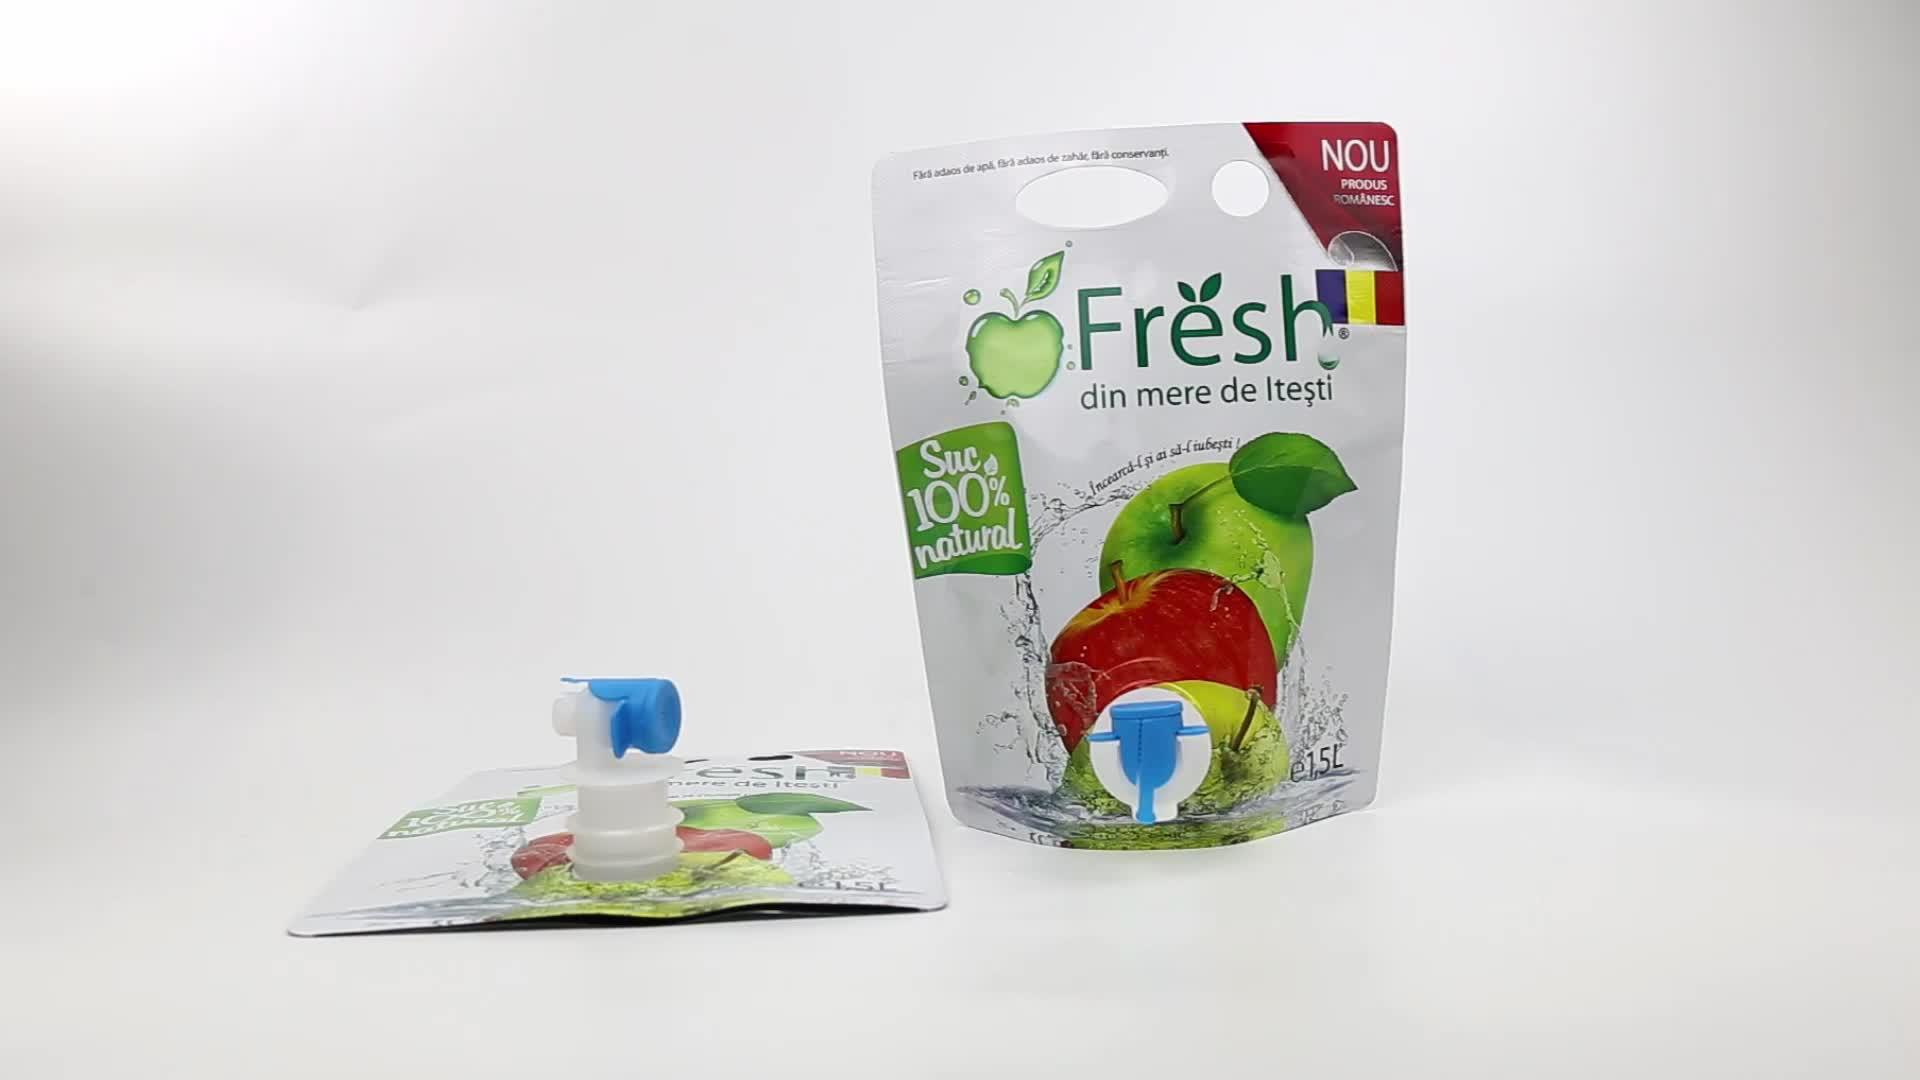 Özel baskılı yumuşak içecekler emzik çantası plastik torba şarap çantası emzik ile emballage dökün jus de meyve